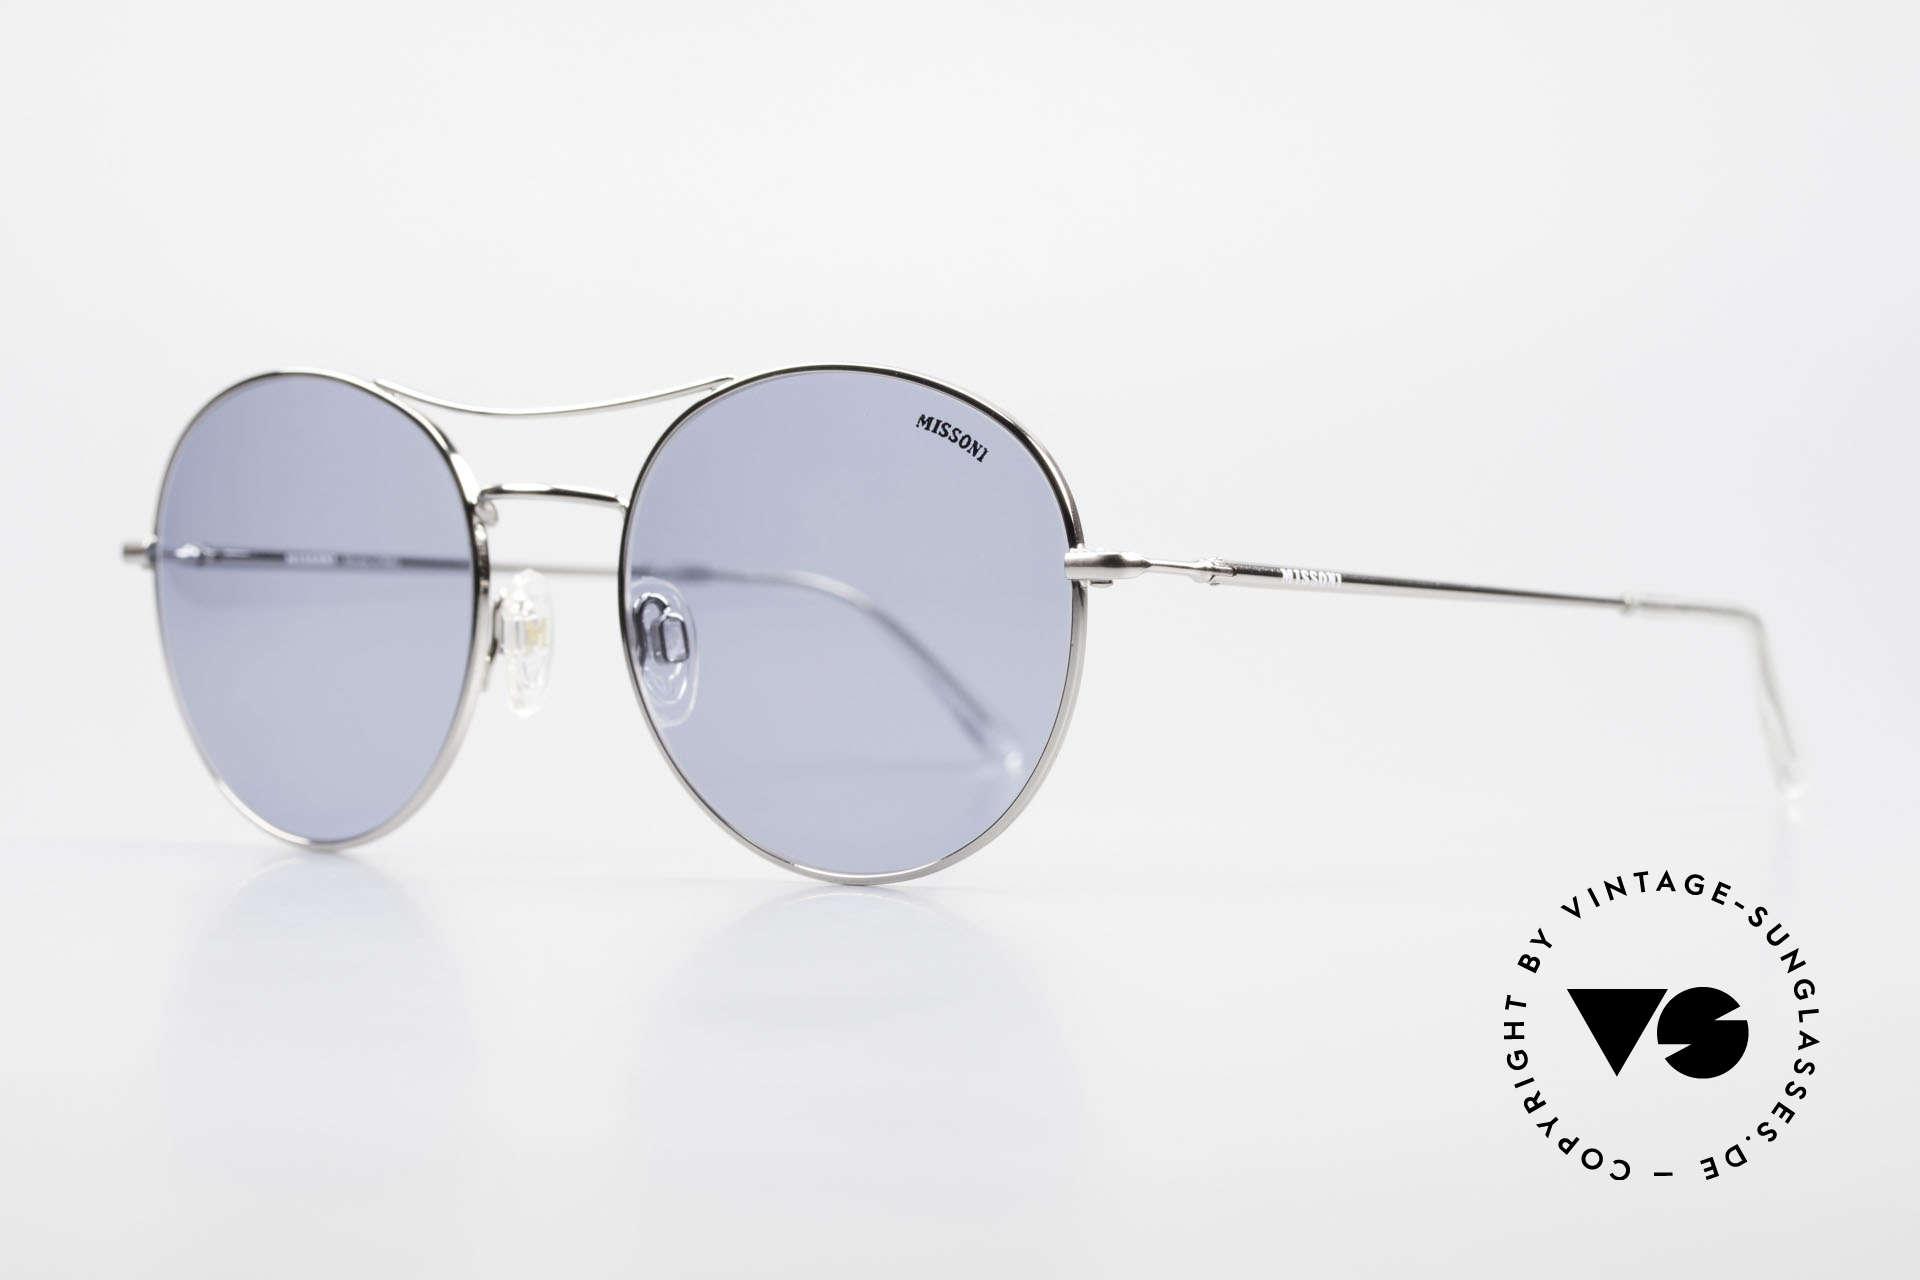 Missoni 0439 Round Aviator Sonnenbrille, absolute Top-Qualität & Passform (Federscharniere), Passend für Herren und Damen